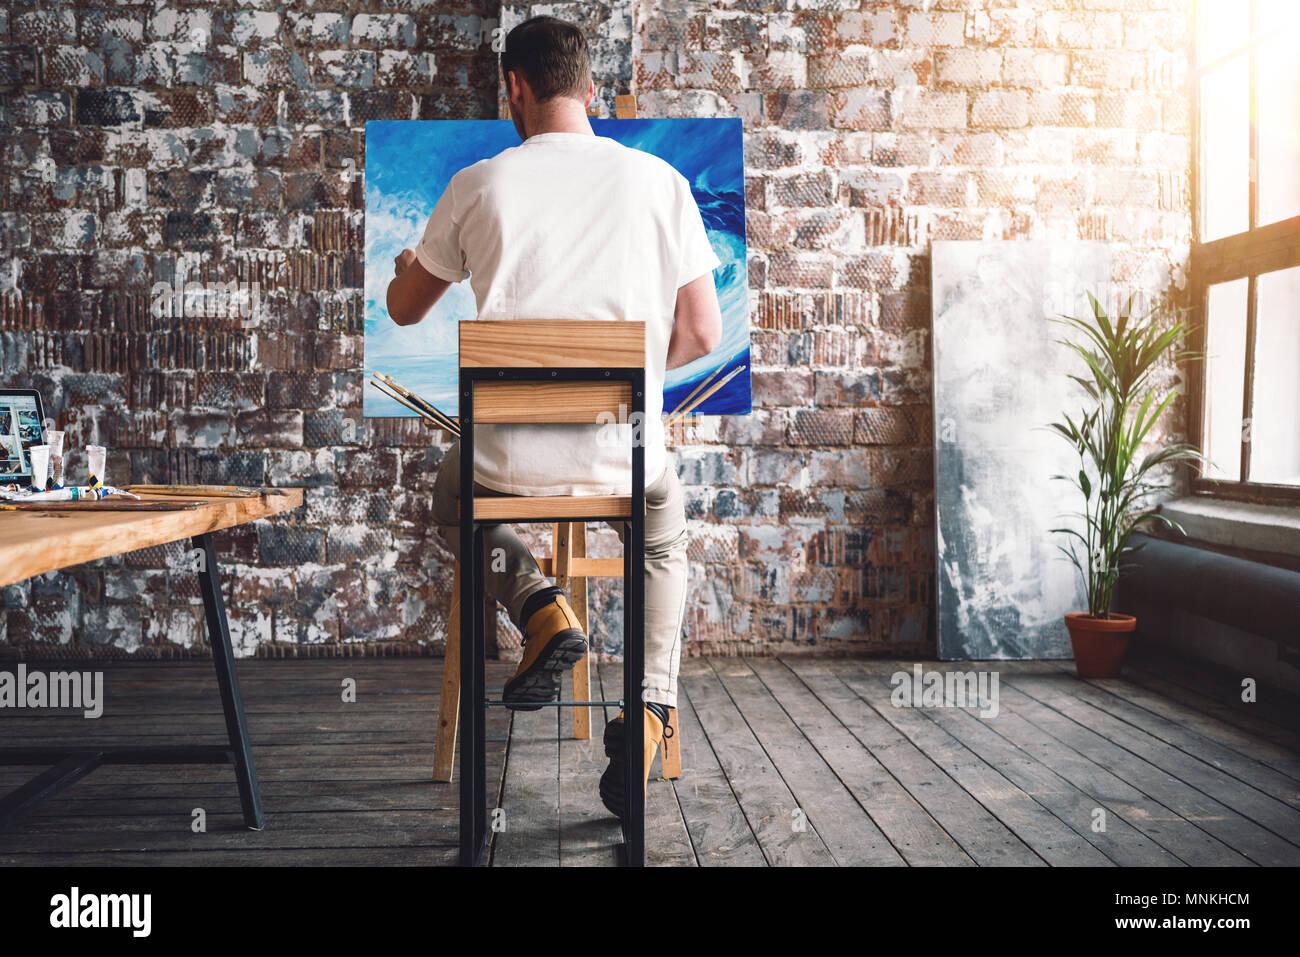 Peintre mâle siège au fauteuil devant la toile et les dimensions photo en studio. La classe d'art et de l'atelier. Processus de peinture de l'artiste. Hobby Photo Stock